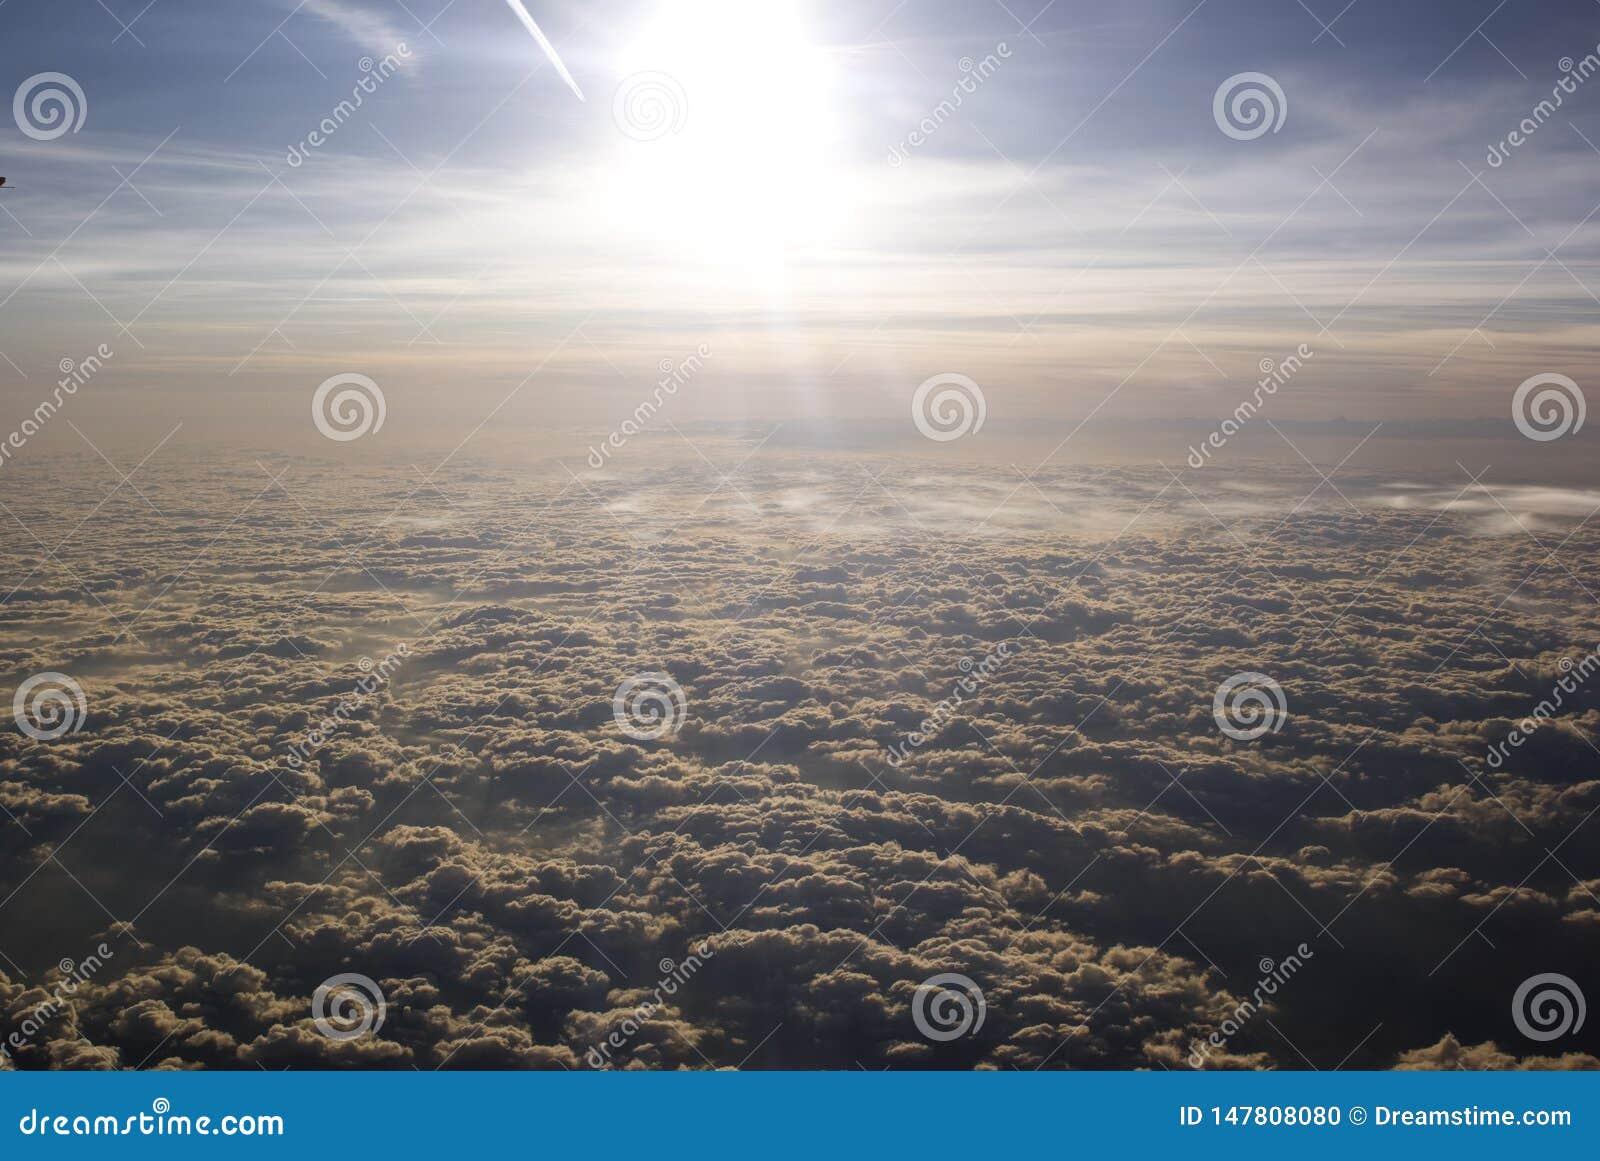 Солнце в облачном небе, плоский взгляд